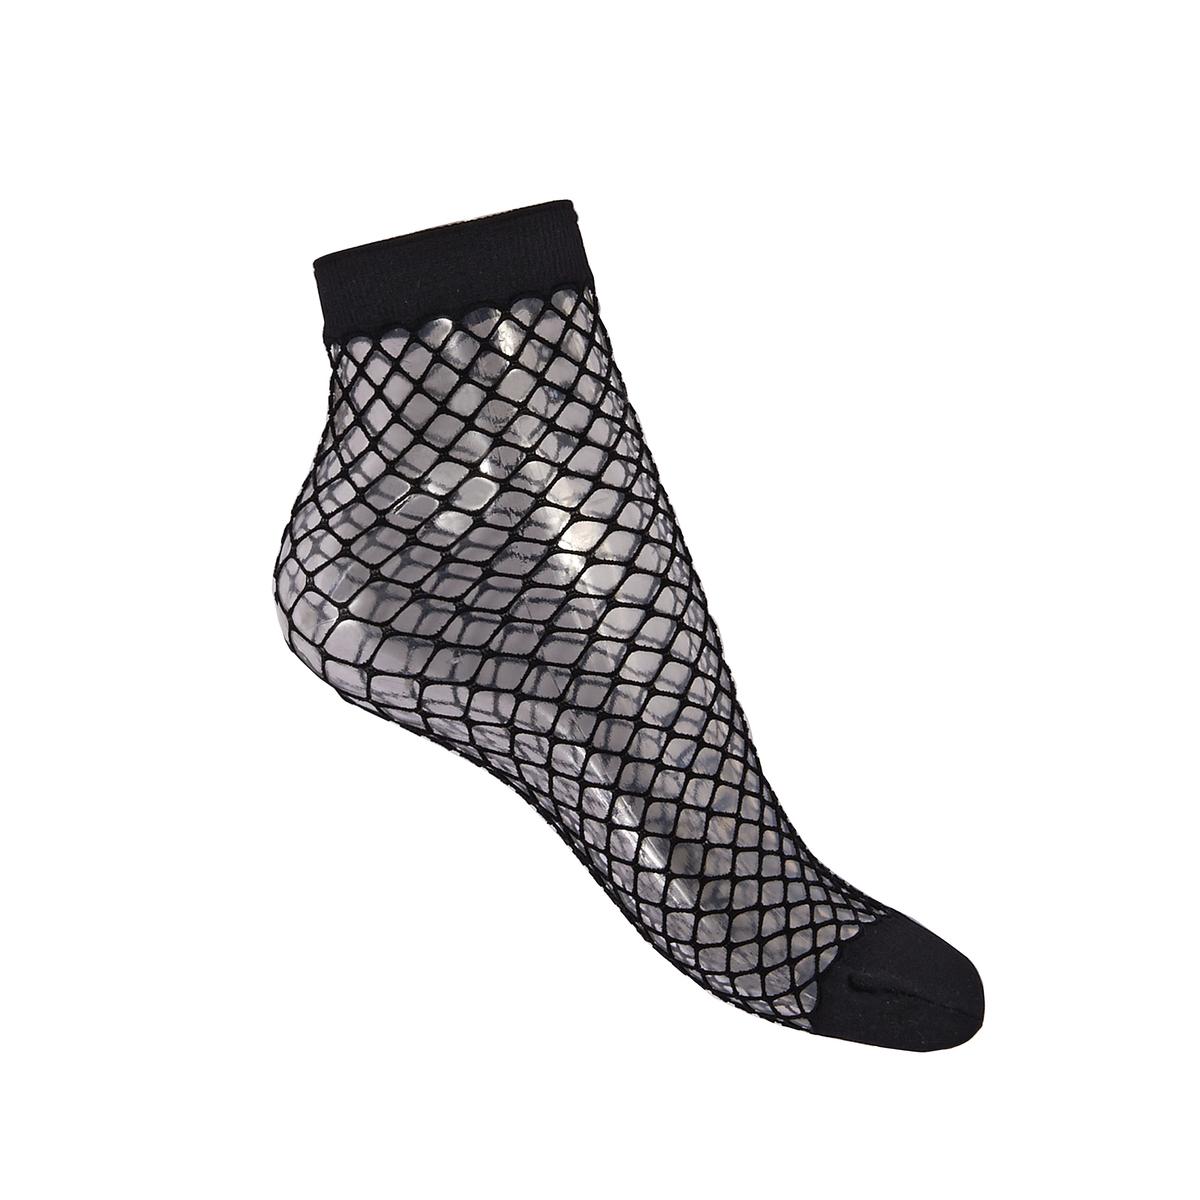 Комплект из 2 пар сетчатых носковОписание:Пара сетчатых носков, очень модных. Усиленный мысок для большего комфорта.Детали •  Усиленный мысокСостав и уход •  Материал : 92% полиамида, 8% эластана. •  Машинная стирка при 30°C в деликатном режиме, желательно с защитном чехле.<br><br>Цвет: черный